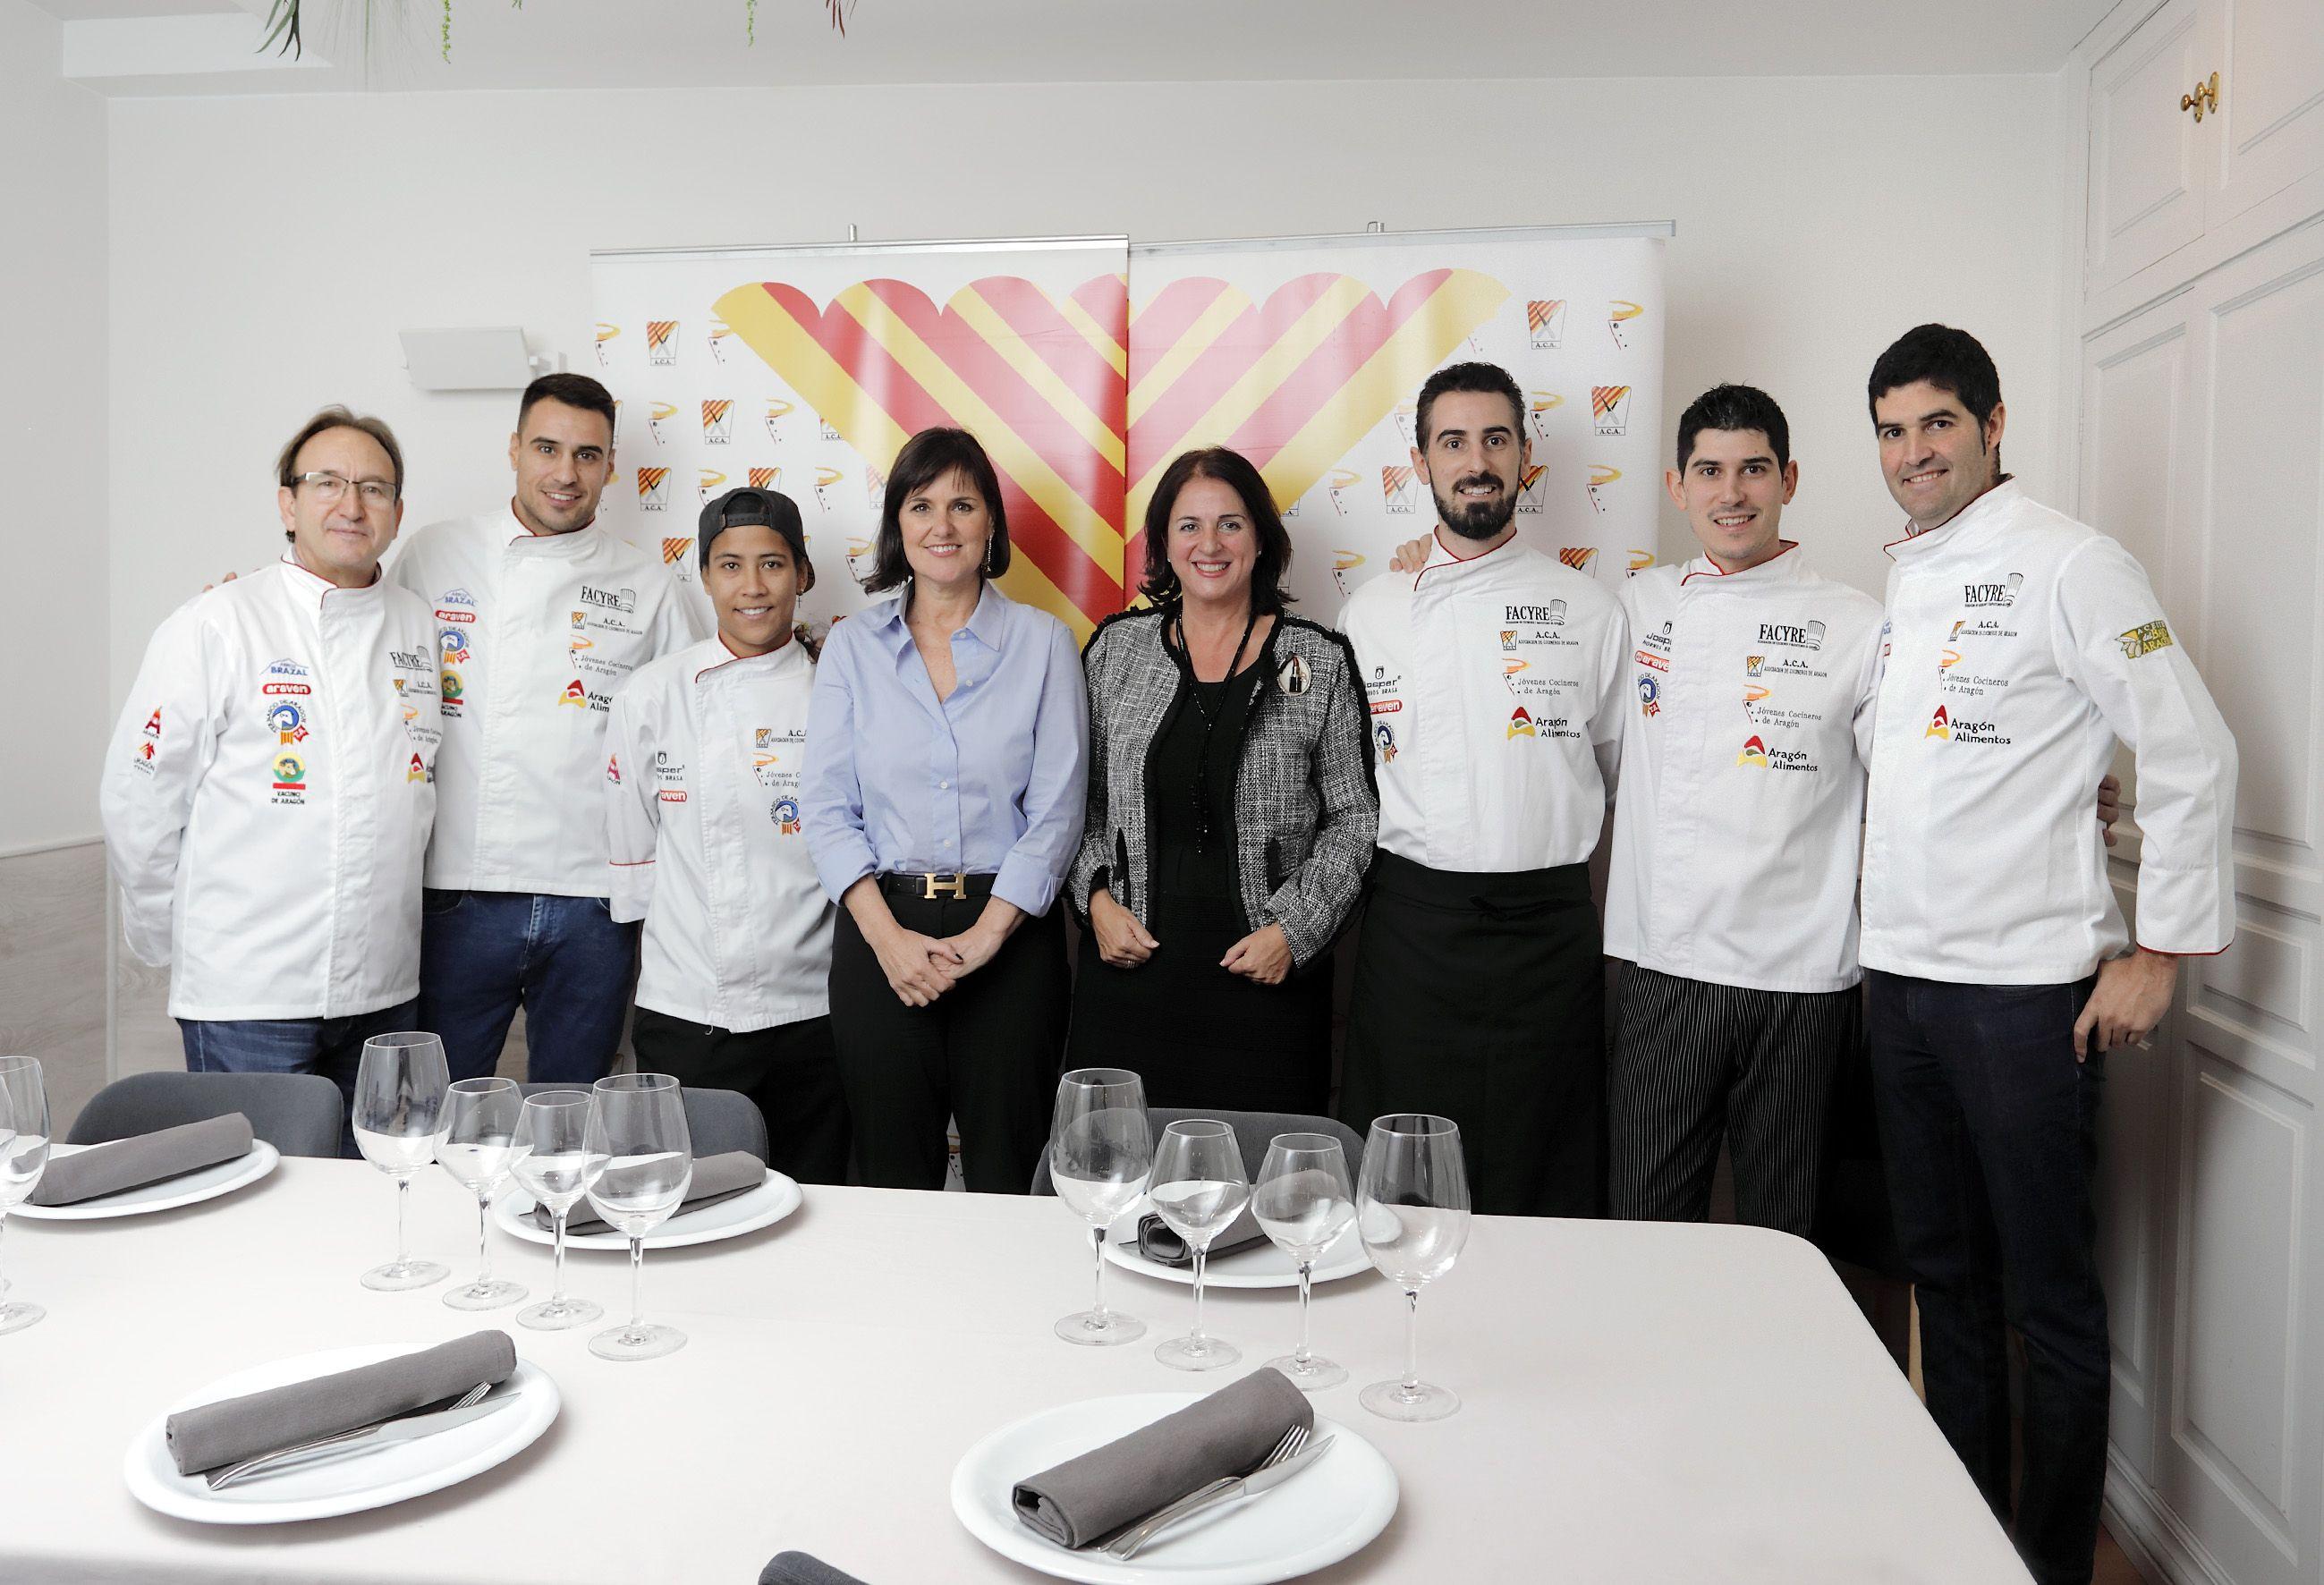 Los hermanos Carcas, a por el Certamen Nacional de Gastronomía